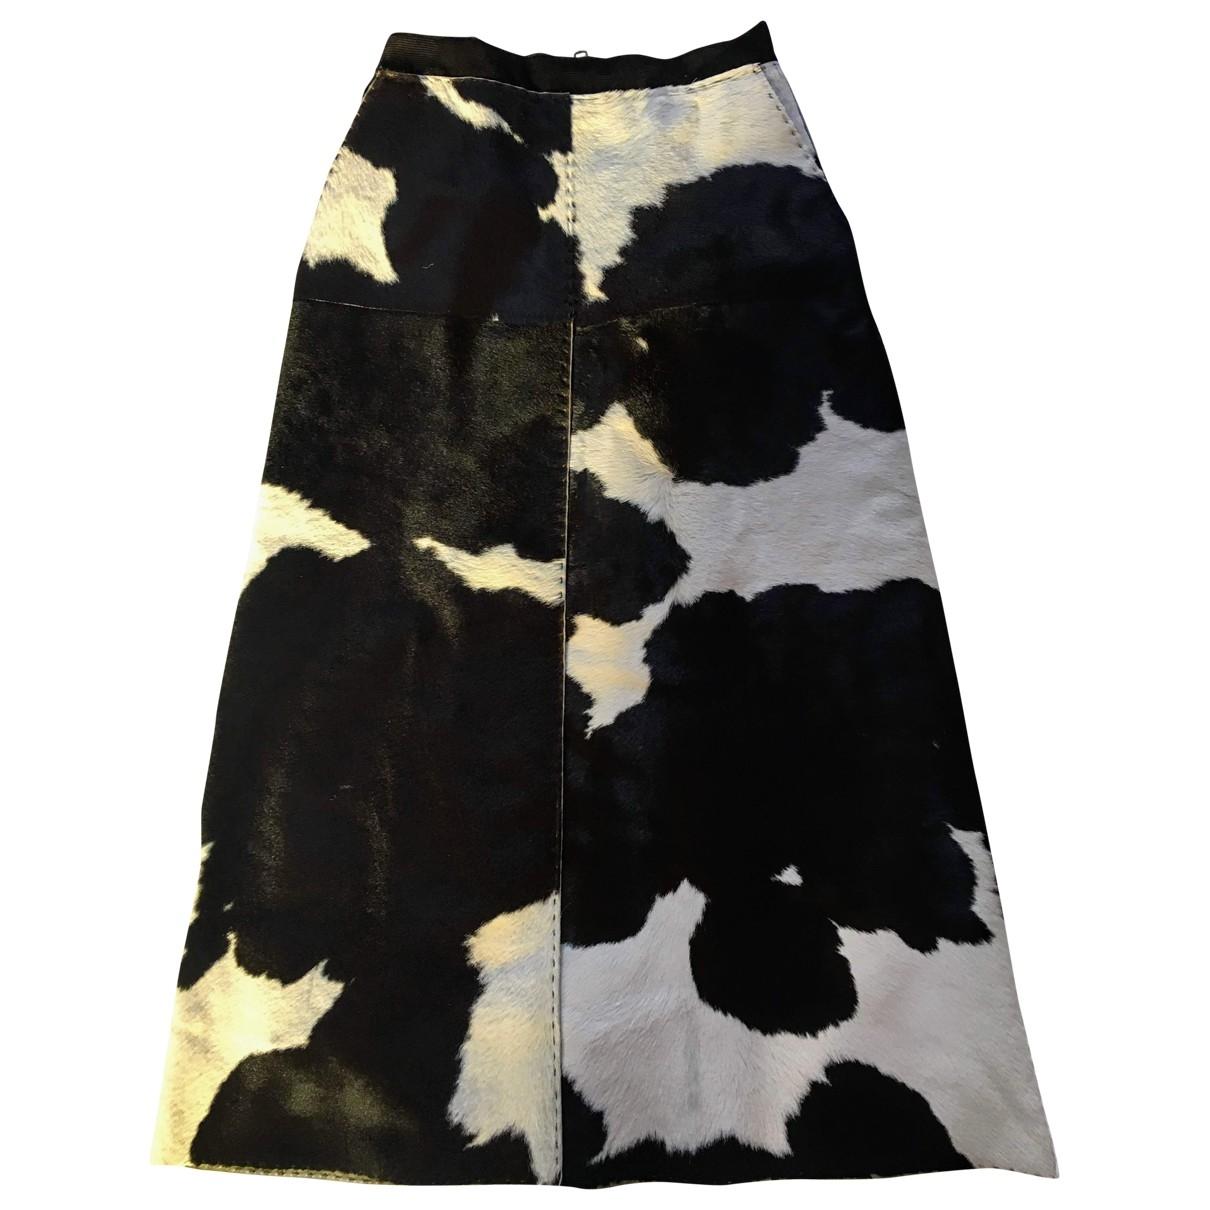 D&g \N Brown Leather skirt for Women S International